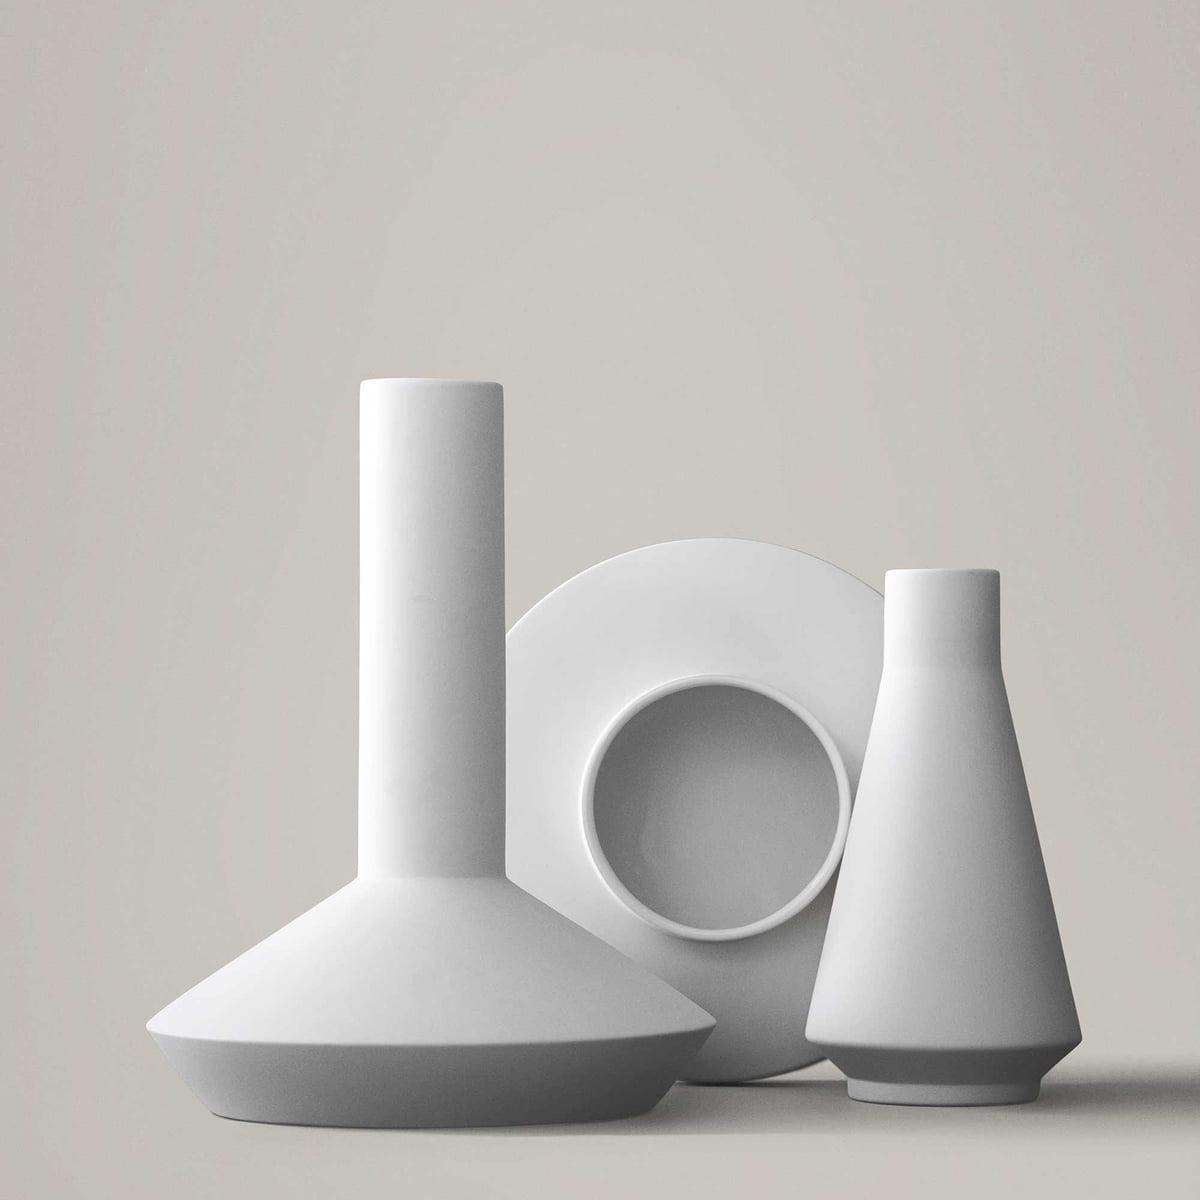 vases 1 vase von karakter im shop kaufen. Black Bedroom Furniture Sets. Home Design Ideas